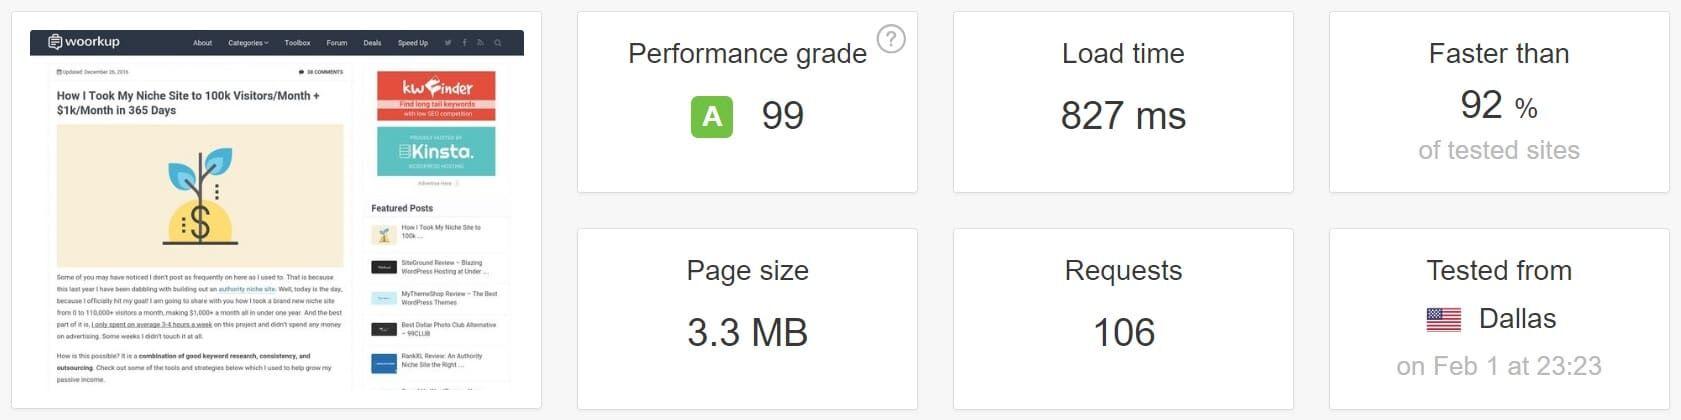 使用原生WordPress评论进行速度测试